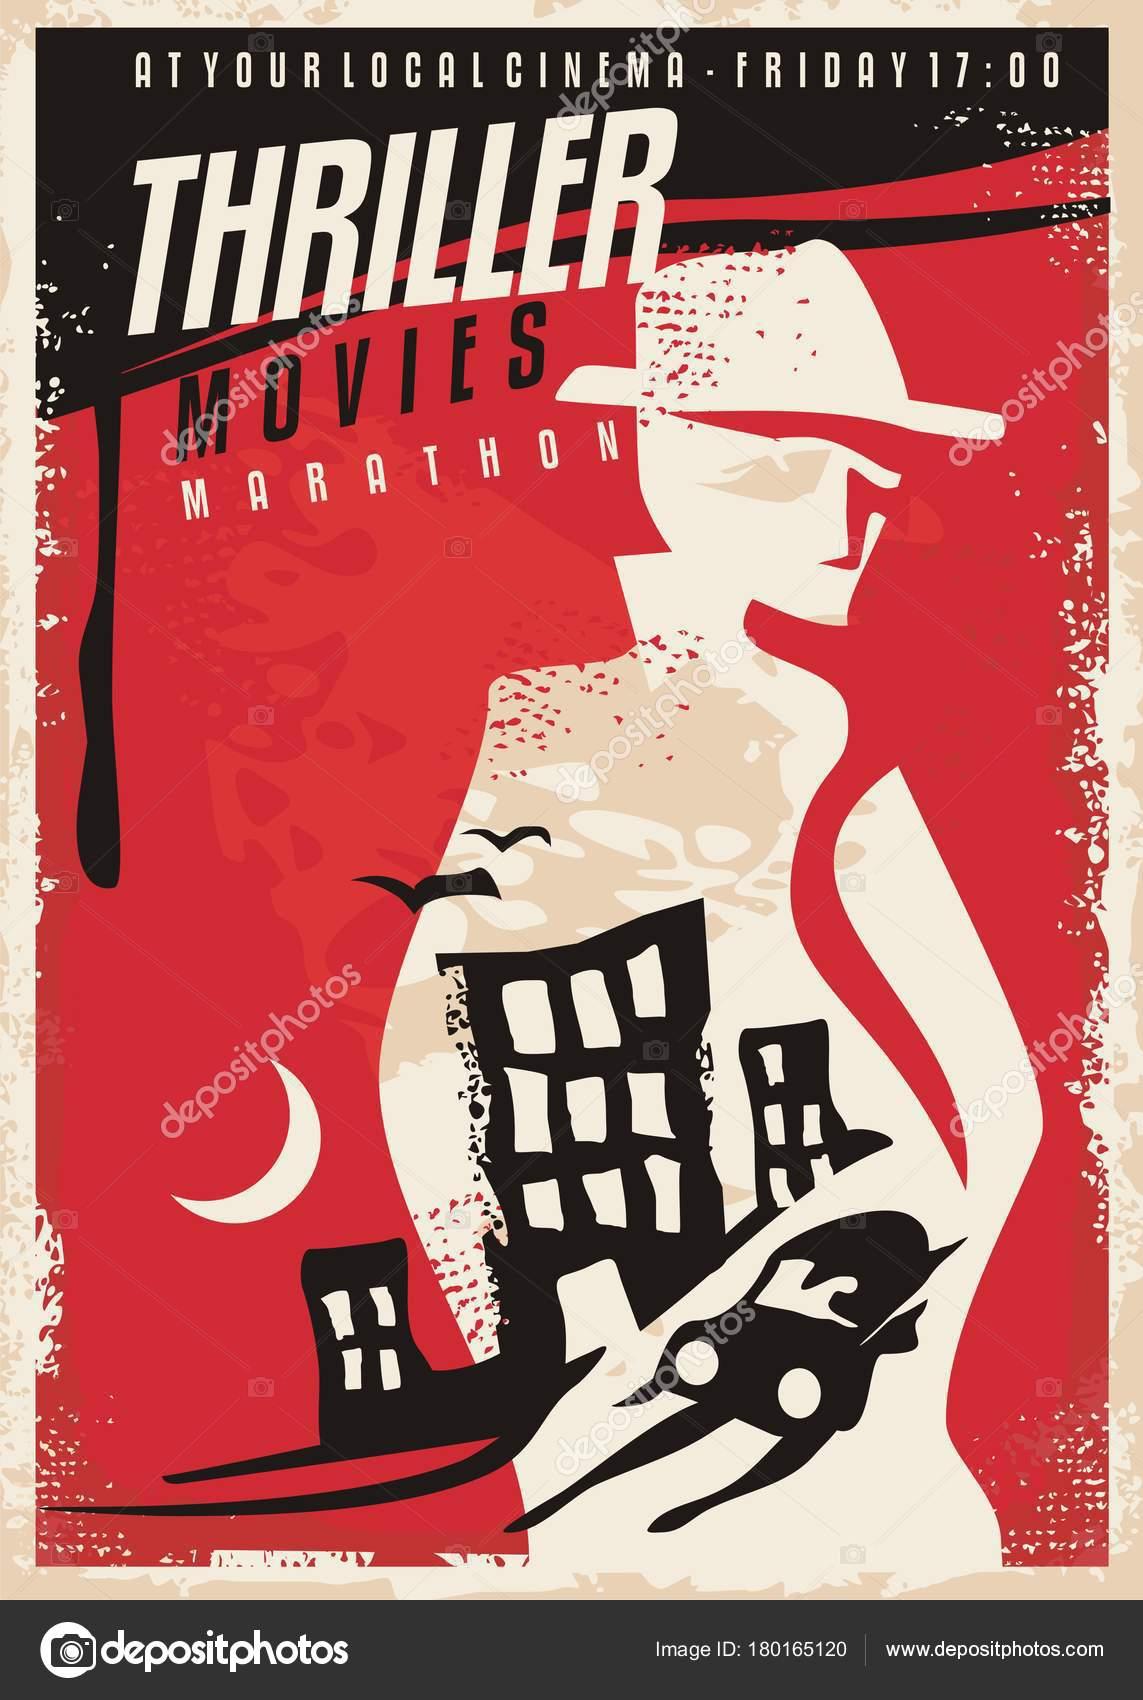 Kreativen Plakatgestaltung Für Thriller Film Zeigen Kino Plakat ...